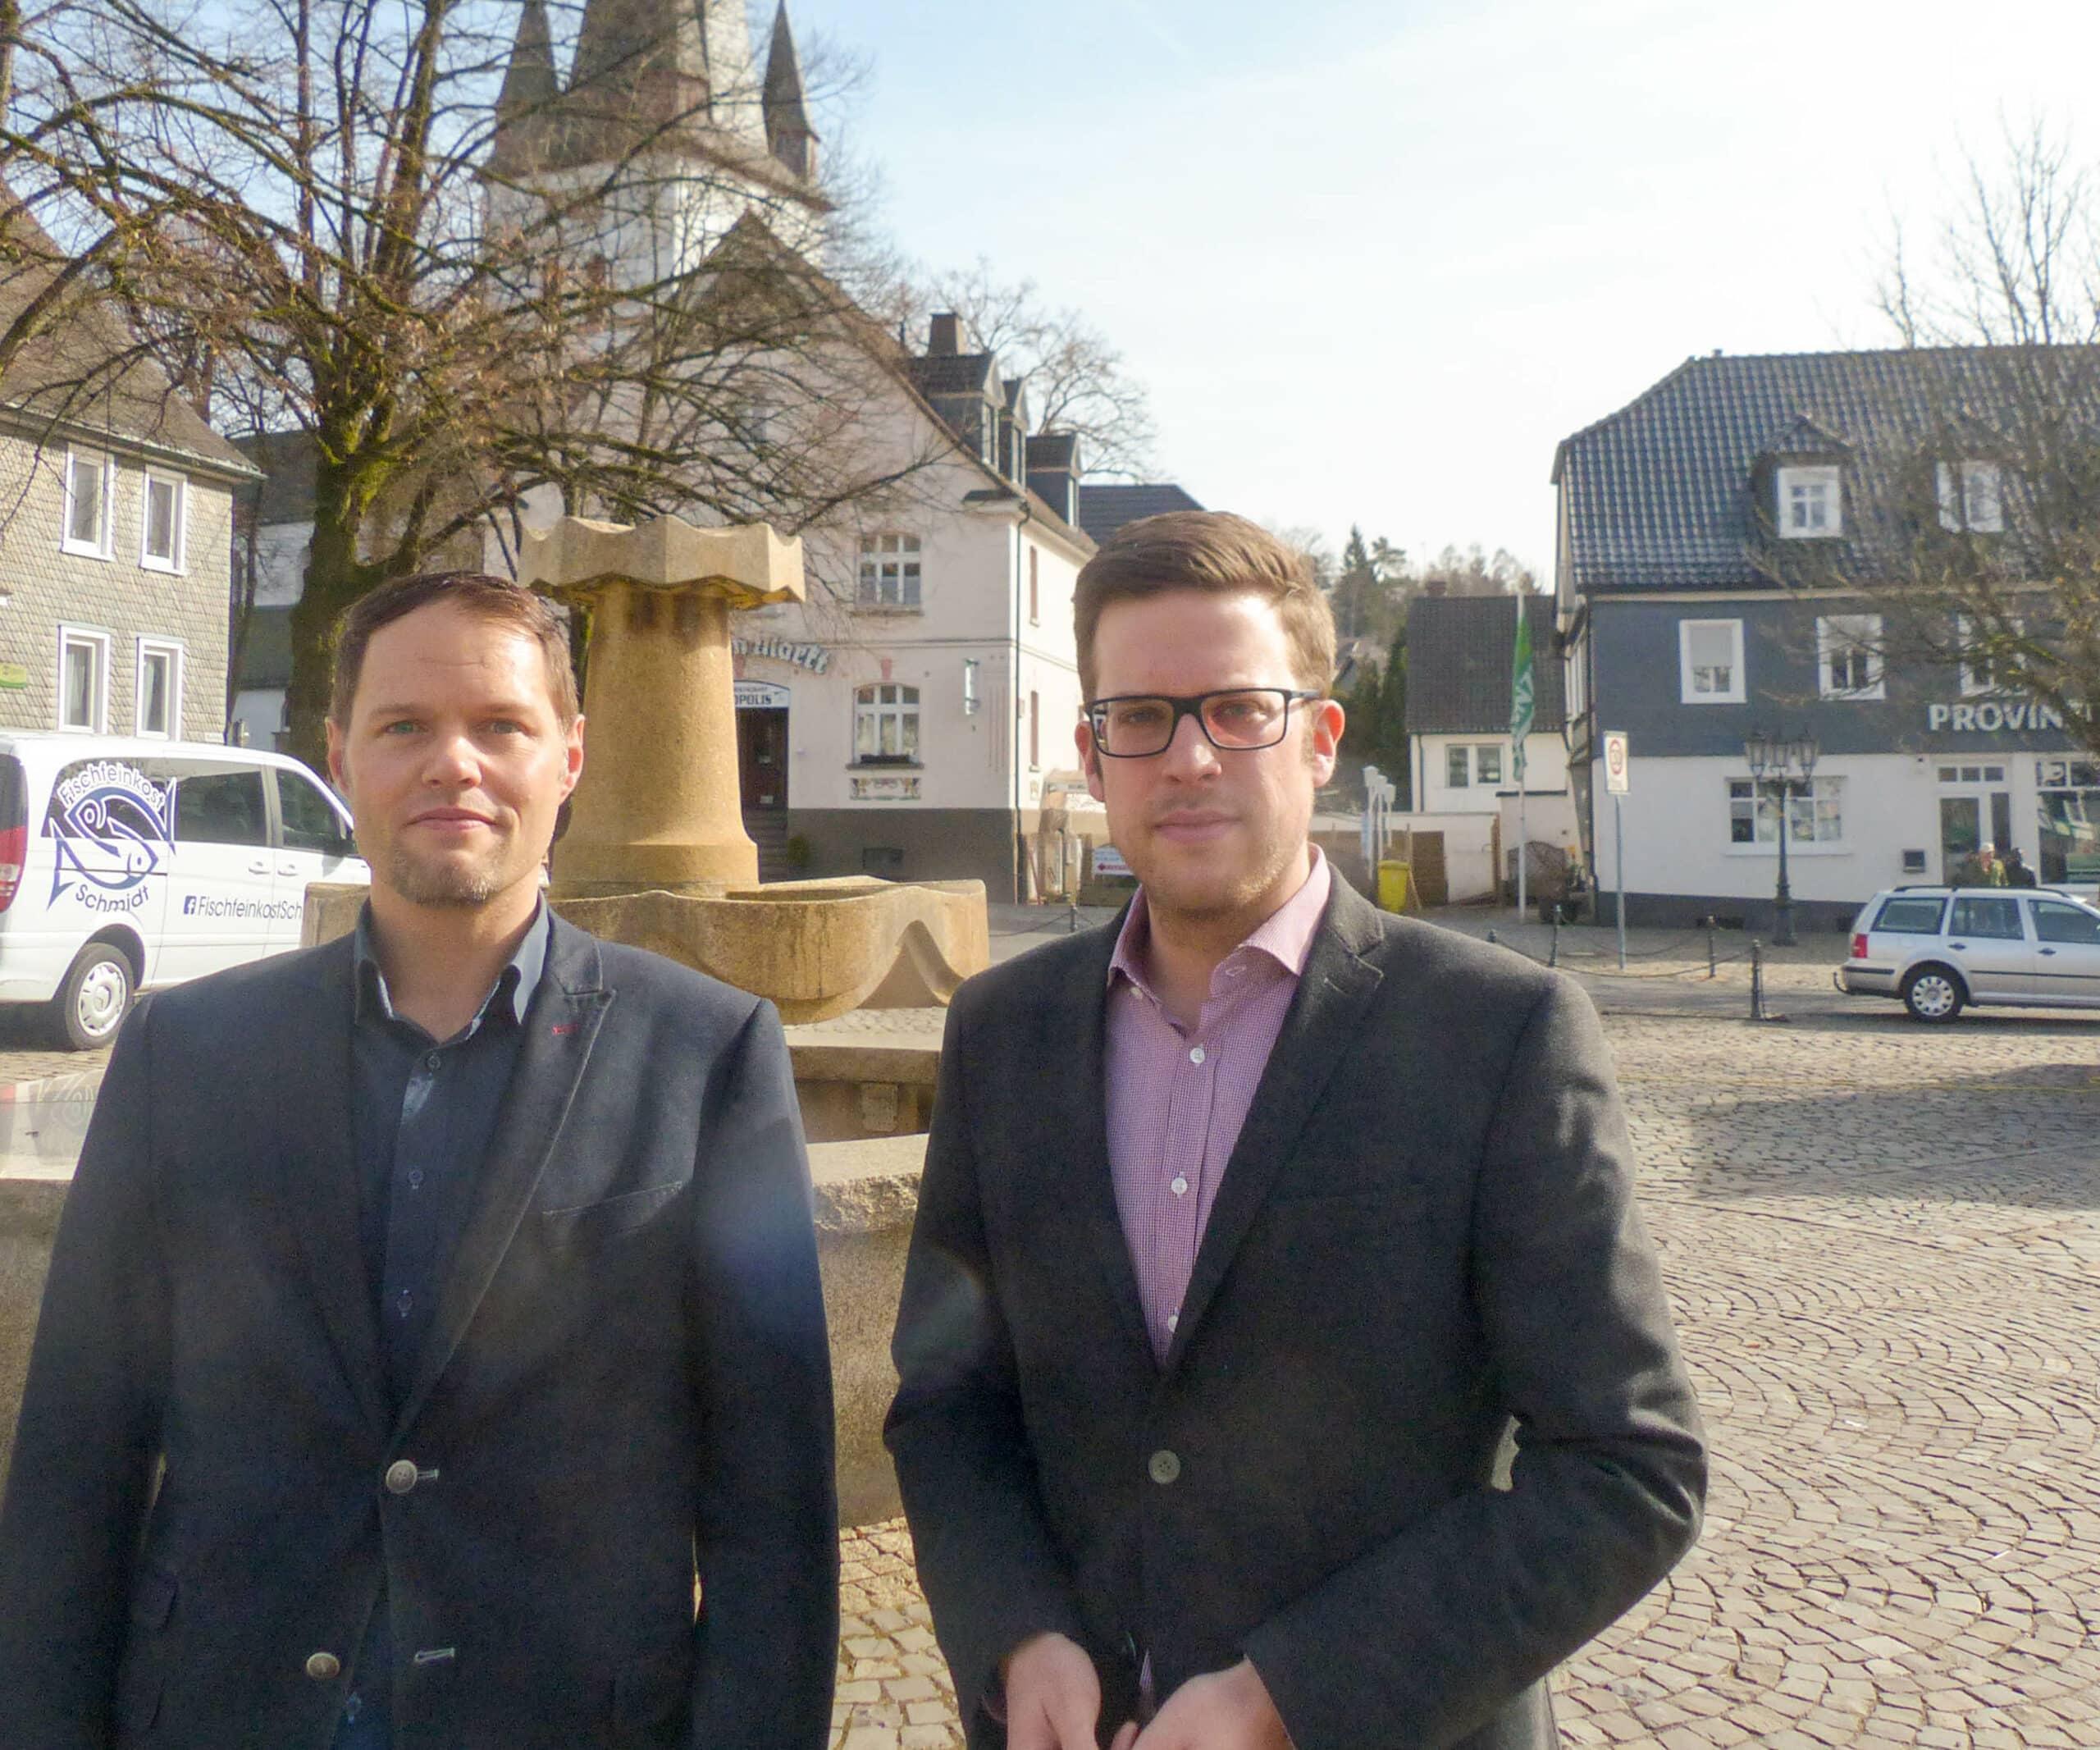 Fordern eine eigene Rettungswache für Drolshagen: Michael Köhler (links) und Florian Müller (rechts) vom CDU Stadtverband Drolshagen.